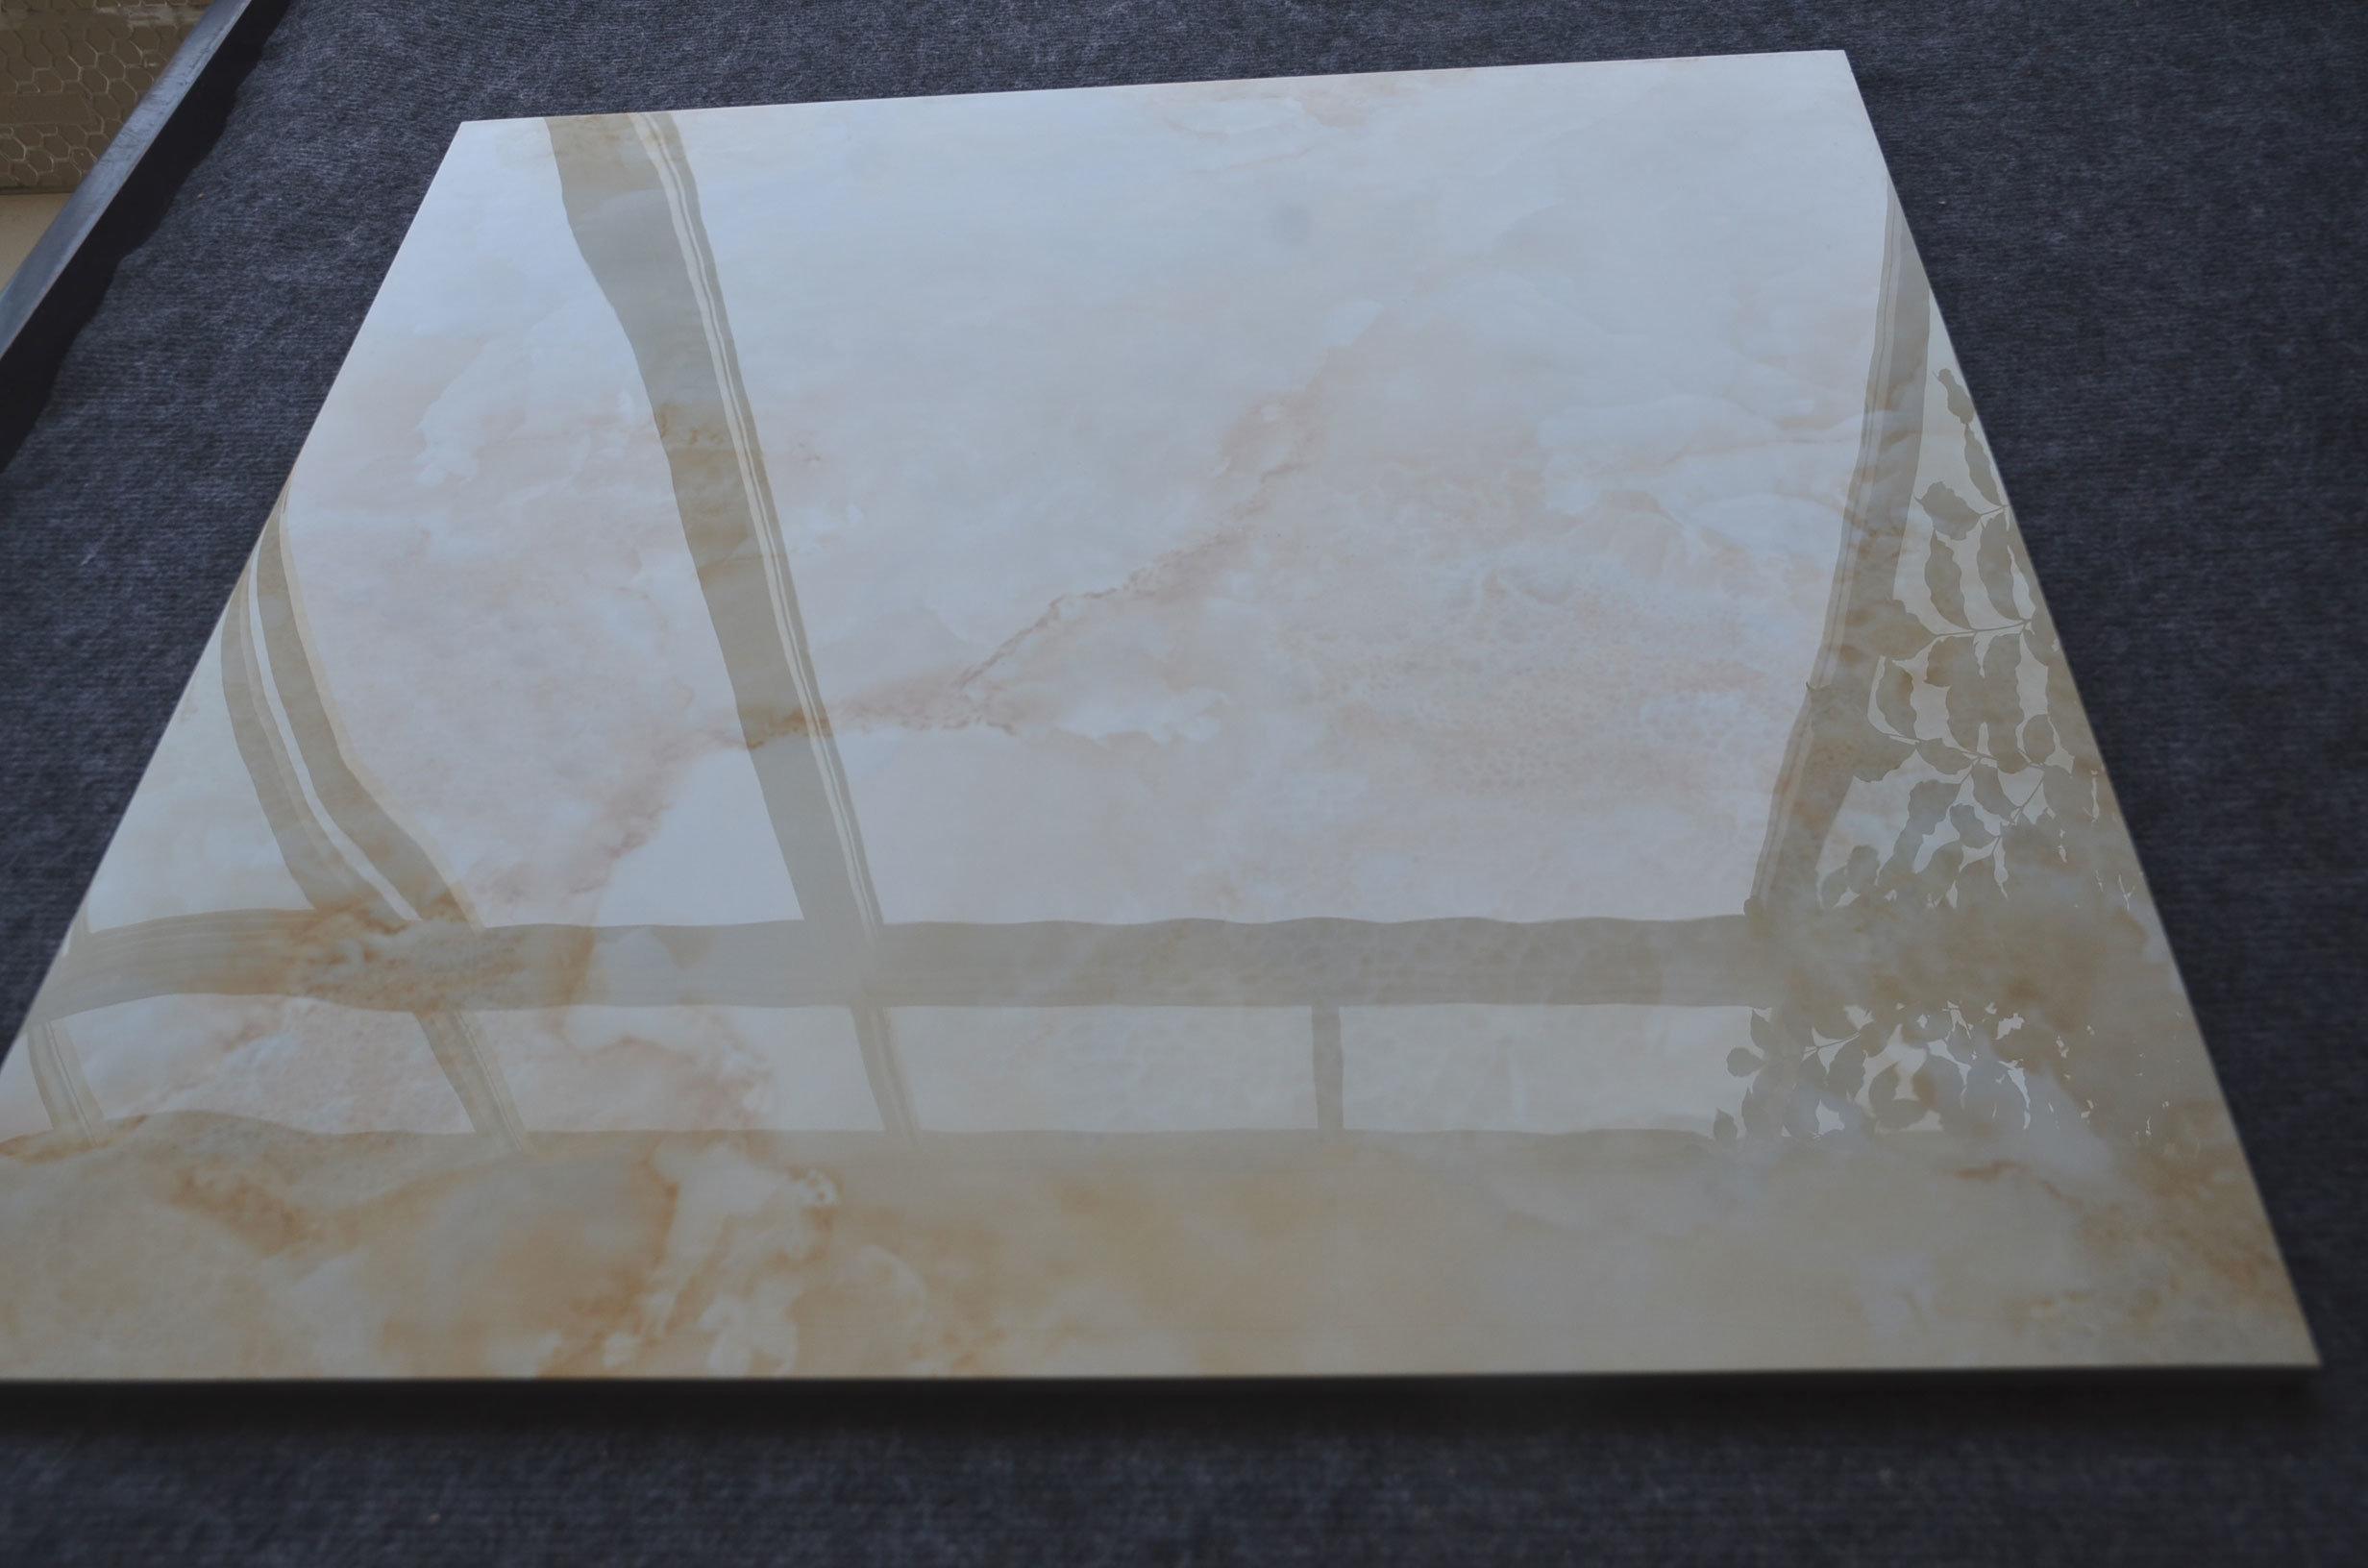 China Hrl6003 600X600mm Polished Porcelain Floor Tiles for Sales in ...